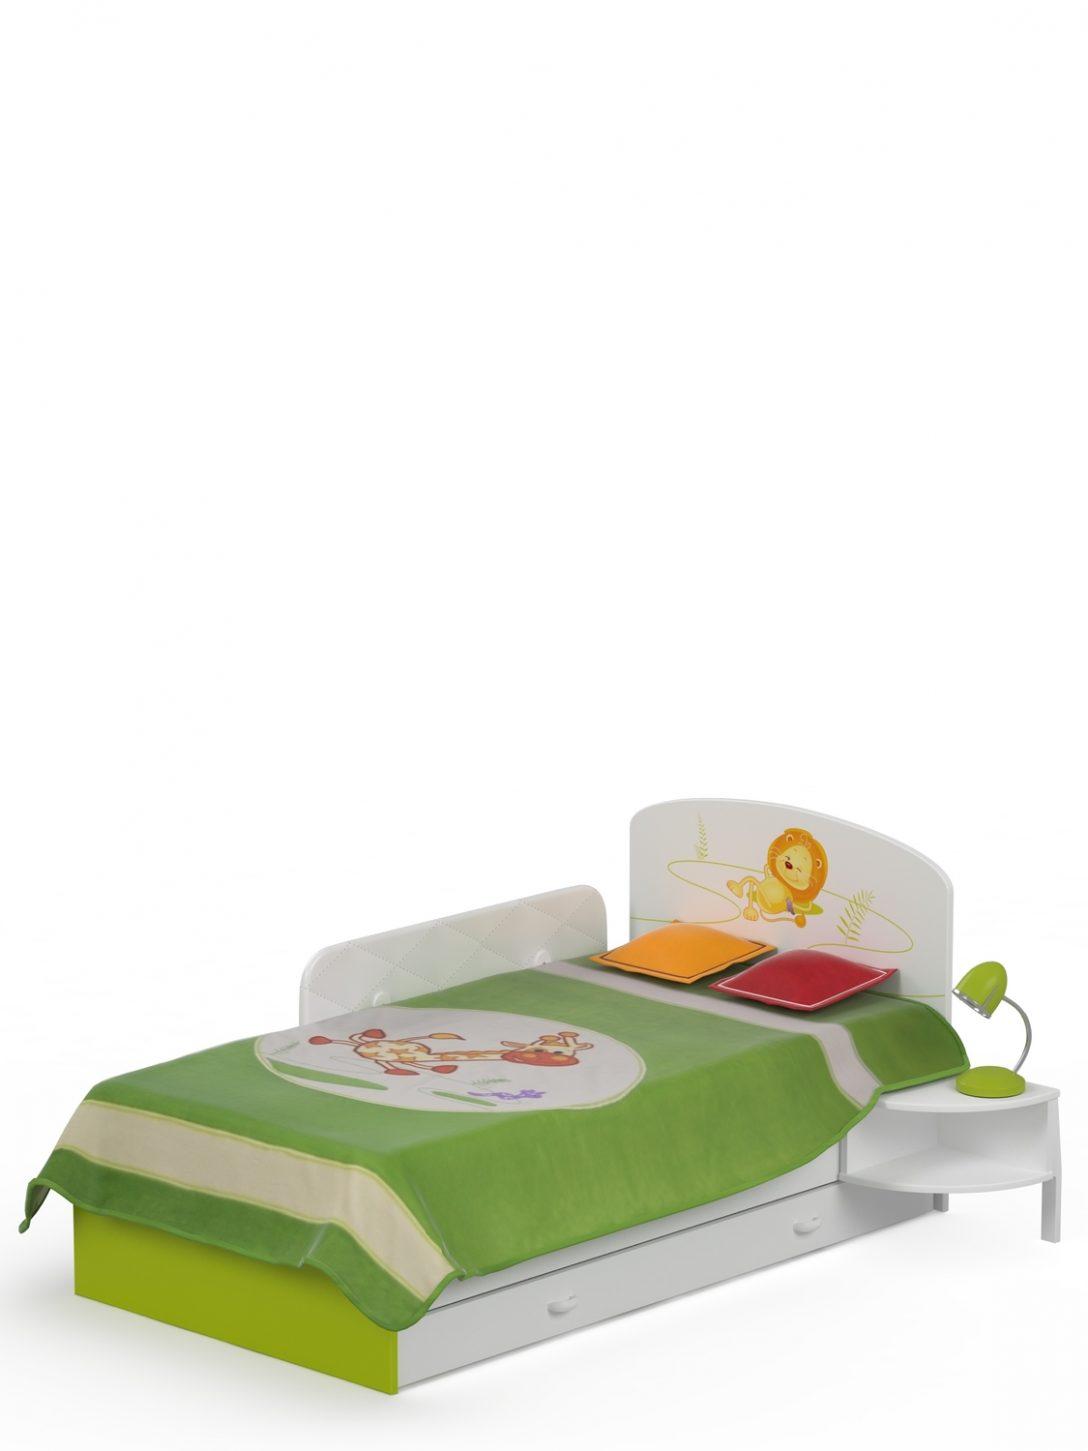 Large Size of Bett 120x200 Mit Bettkasten Happy Animals Green Meblik Ohne Füße Bonprix Betten 140x200 Grau Weiß 90x200 200x200 Sitzbank Küche Lehne Wickelbrett Für Bett Bett 120x200 Mit Bettkasten